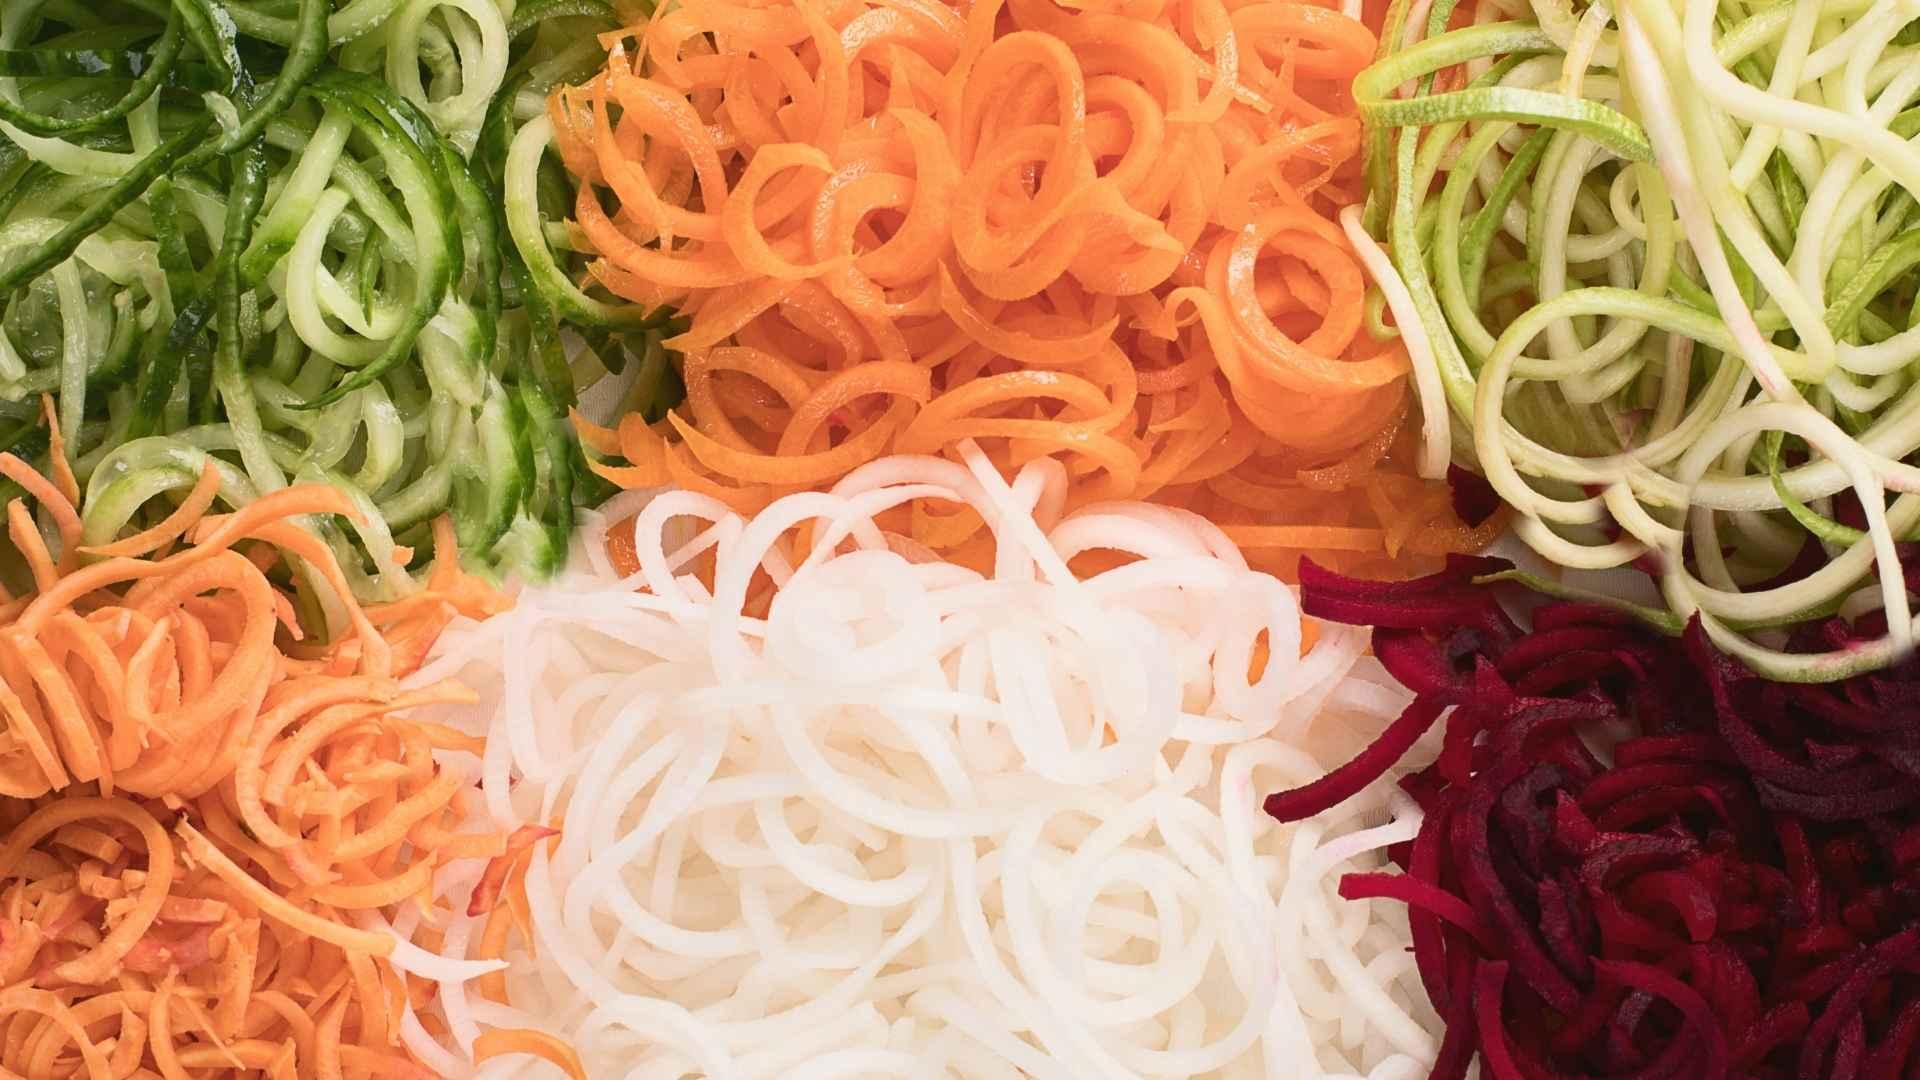 low-carb-noodles-alternatives